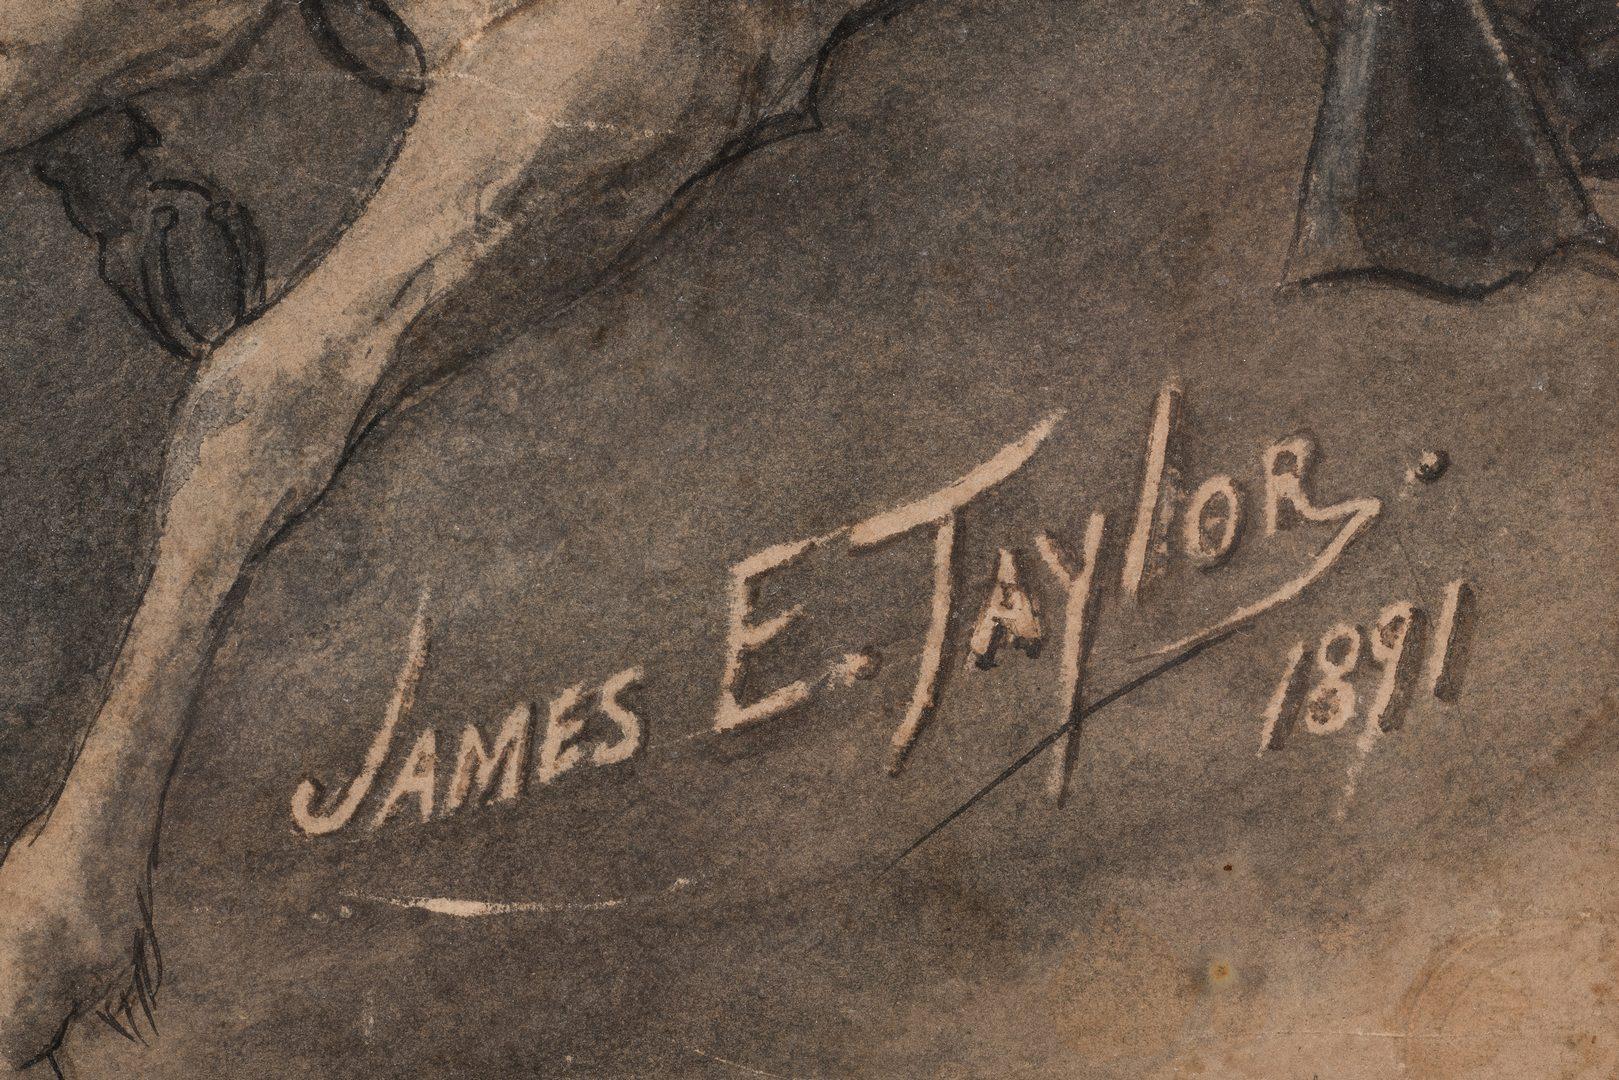 Lot 497: VA Watercolor: CSA Charge at Trevilian Station by James E. Taylor